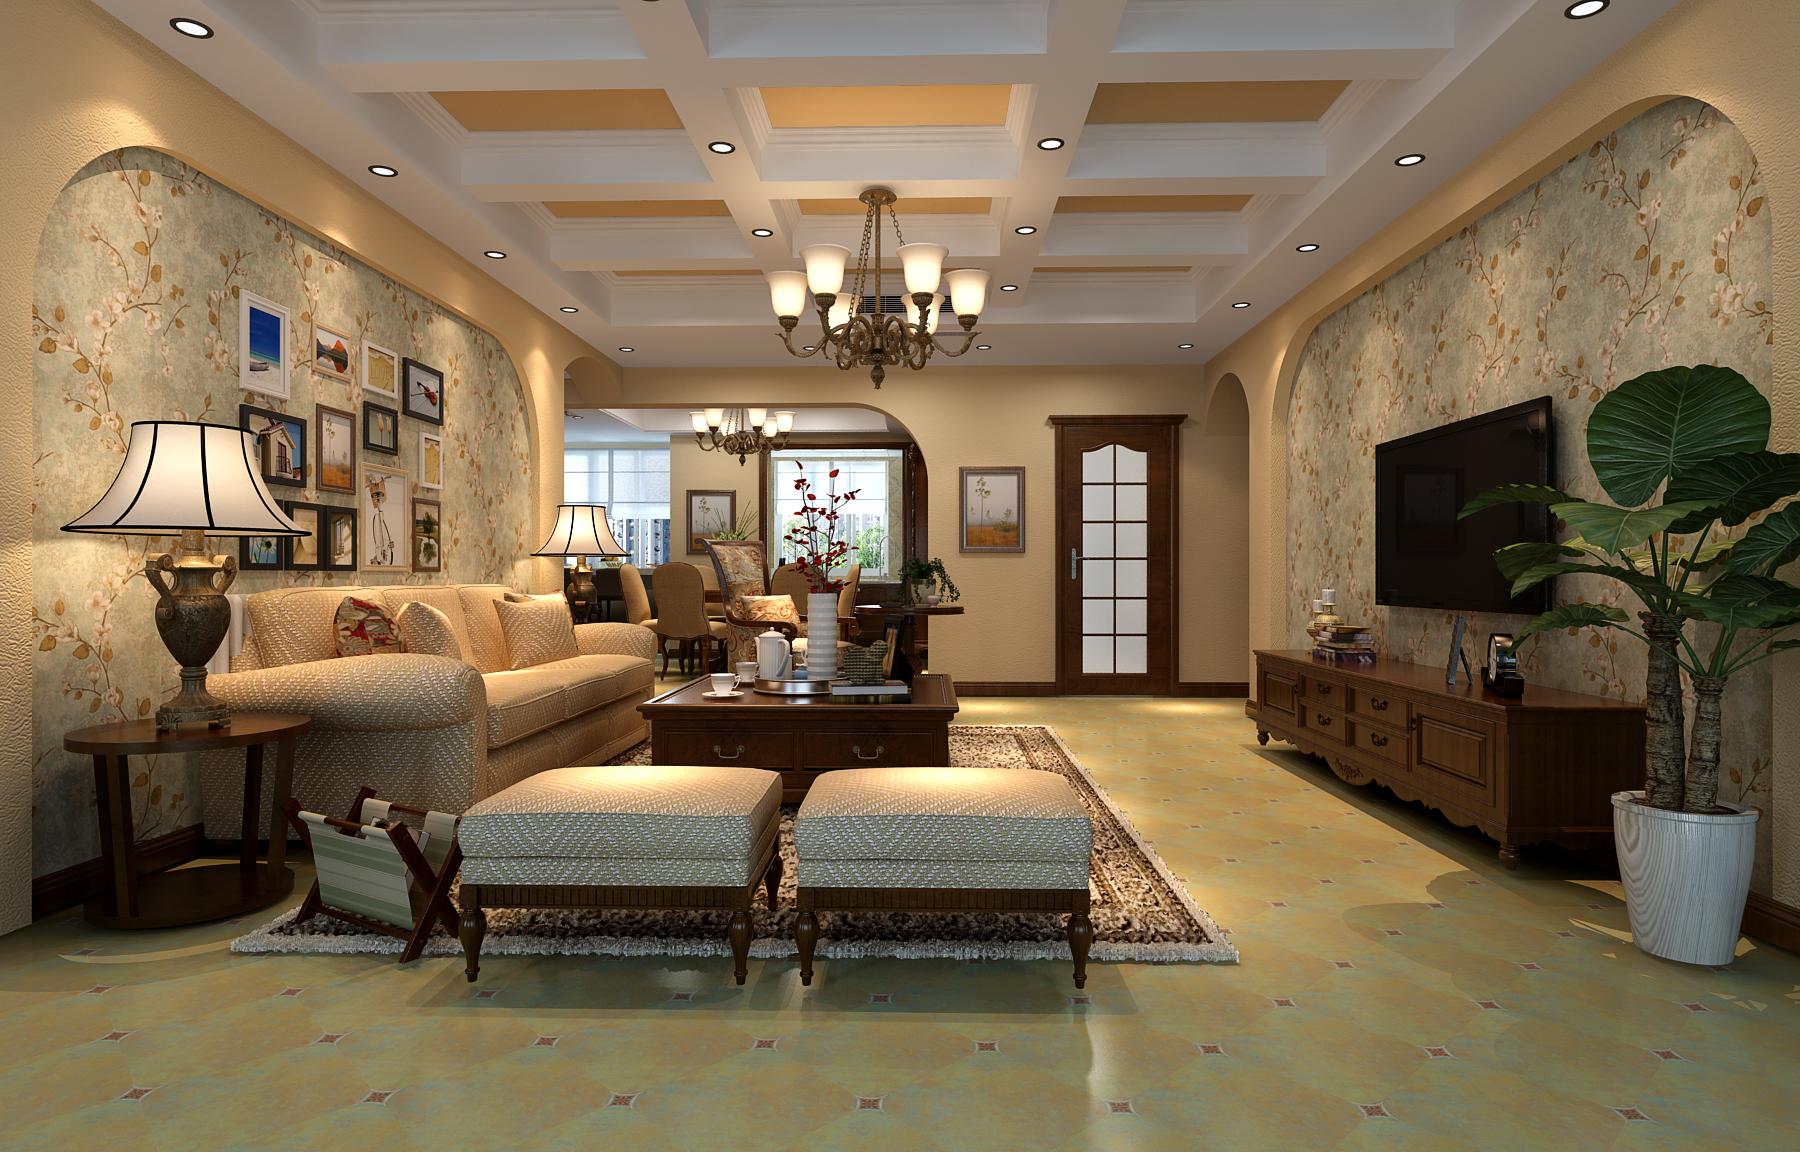 客厅背景选用手绘,既表现了生动画面,又注重了绿色环保。窗帘也选用柔和色彩。营造温馨的古典气质。摒弃了欧式的富丽堂皇的气质,转而更注重家居整体的实用和协调。